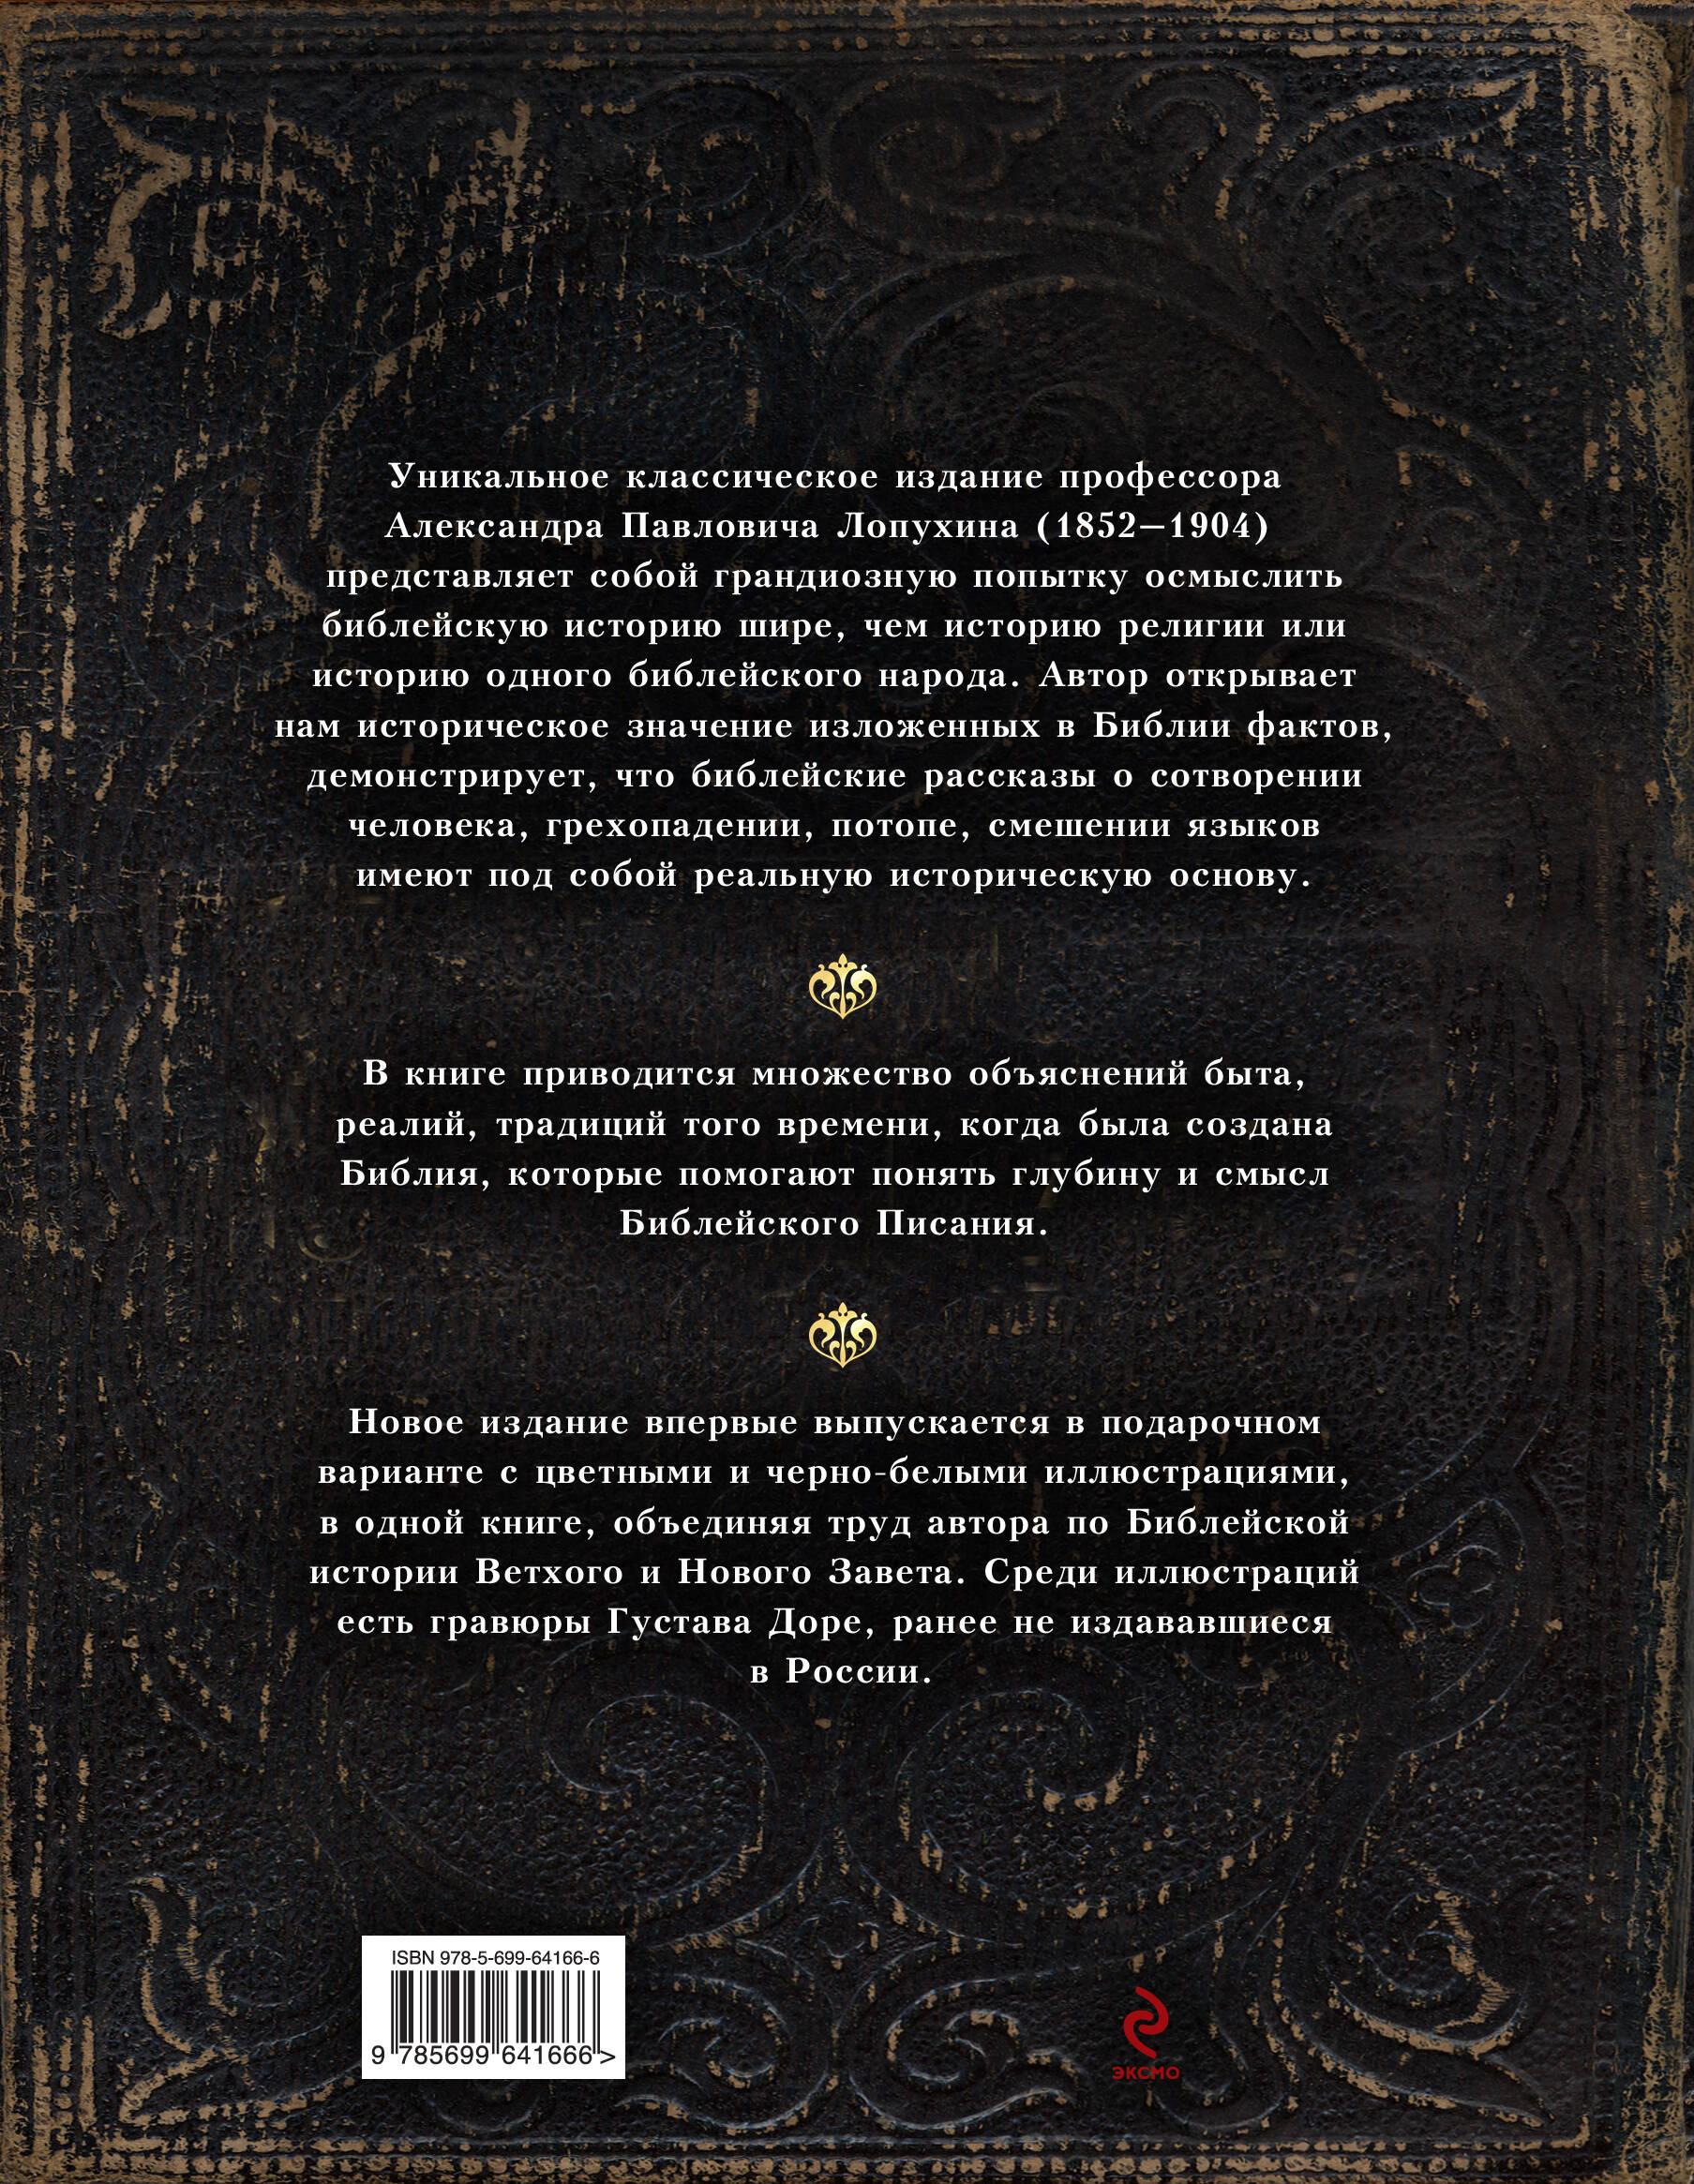 Черная библия новый заве 8 фотография